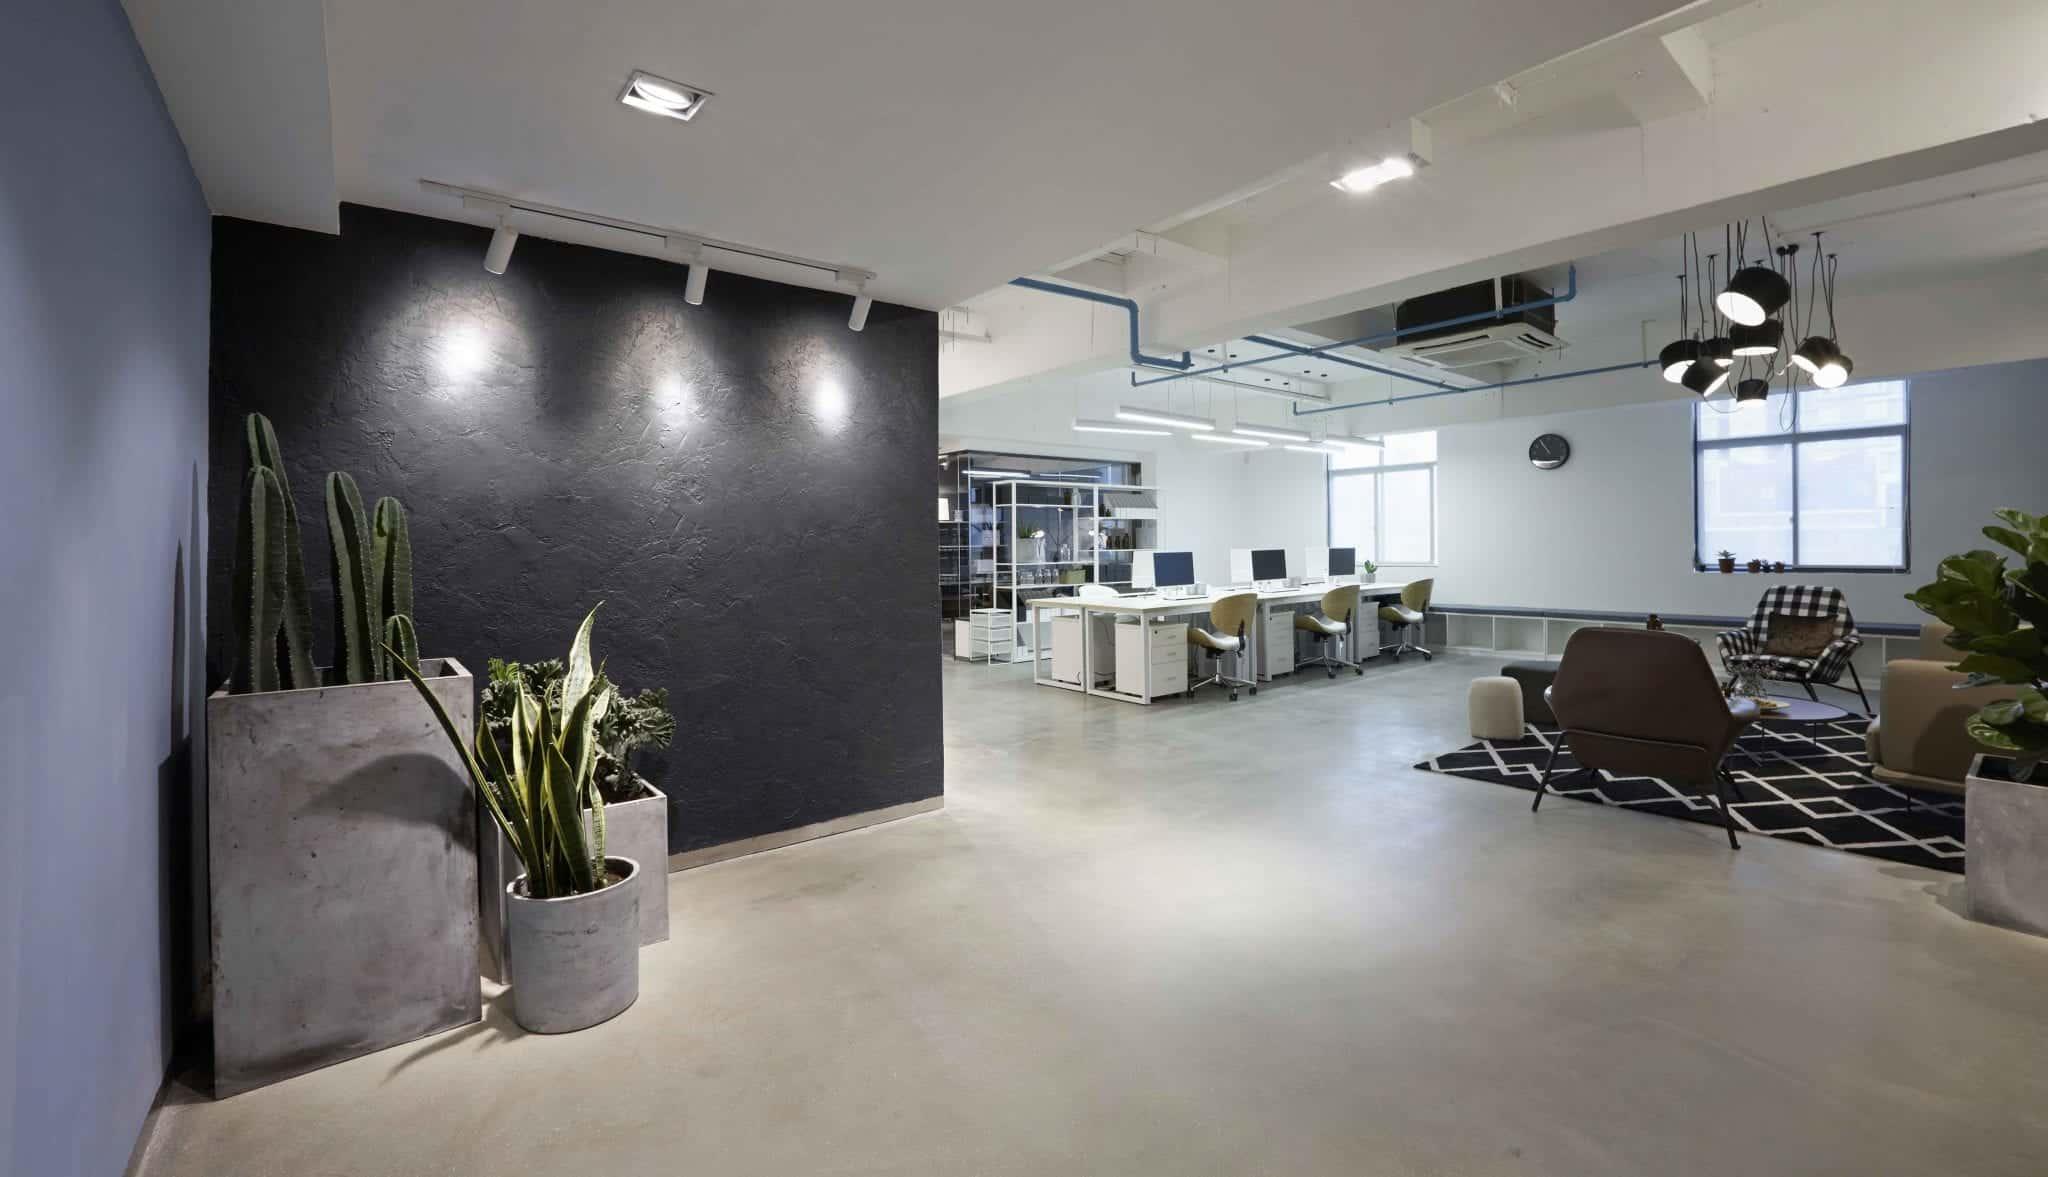 Réalisation de sol béton ciré pour bureaux